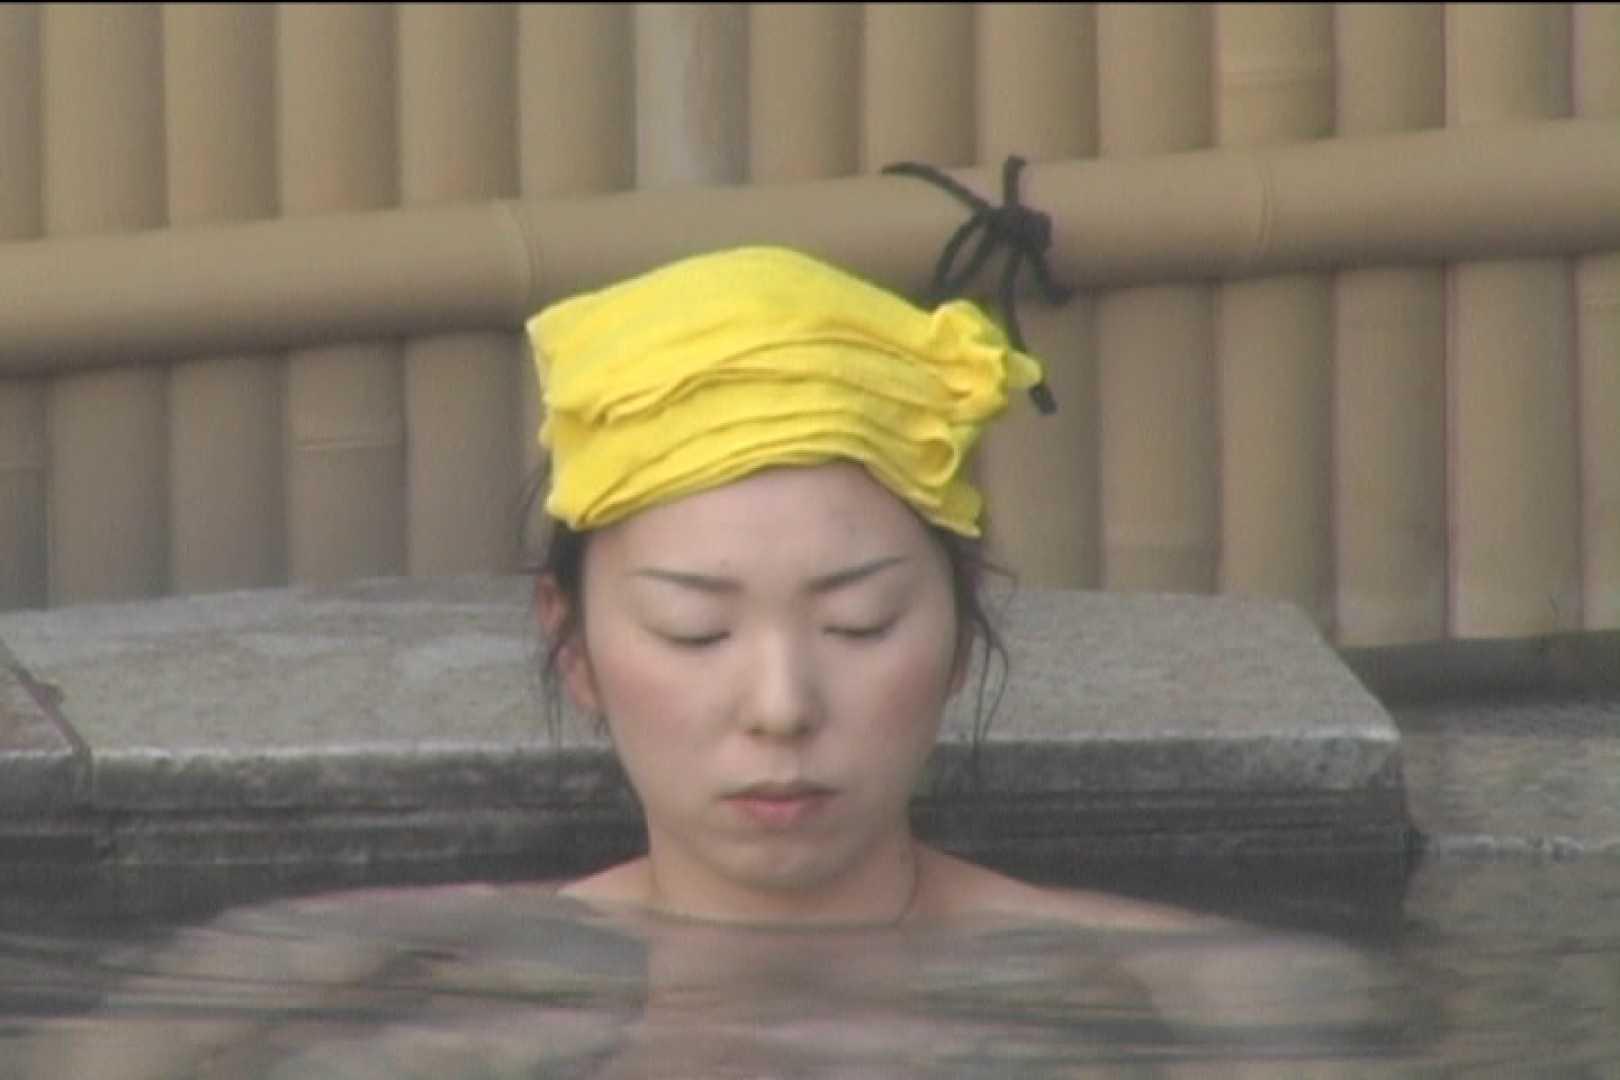 Aquaな露天風呂Vol.529 盗撮 | 露天風呂  42連発 22